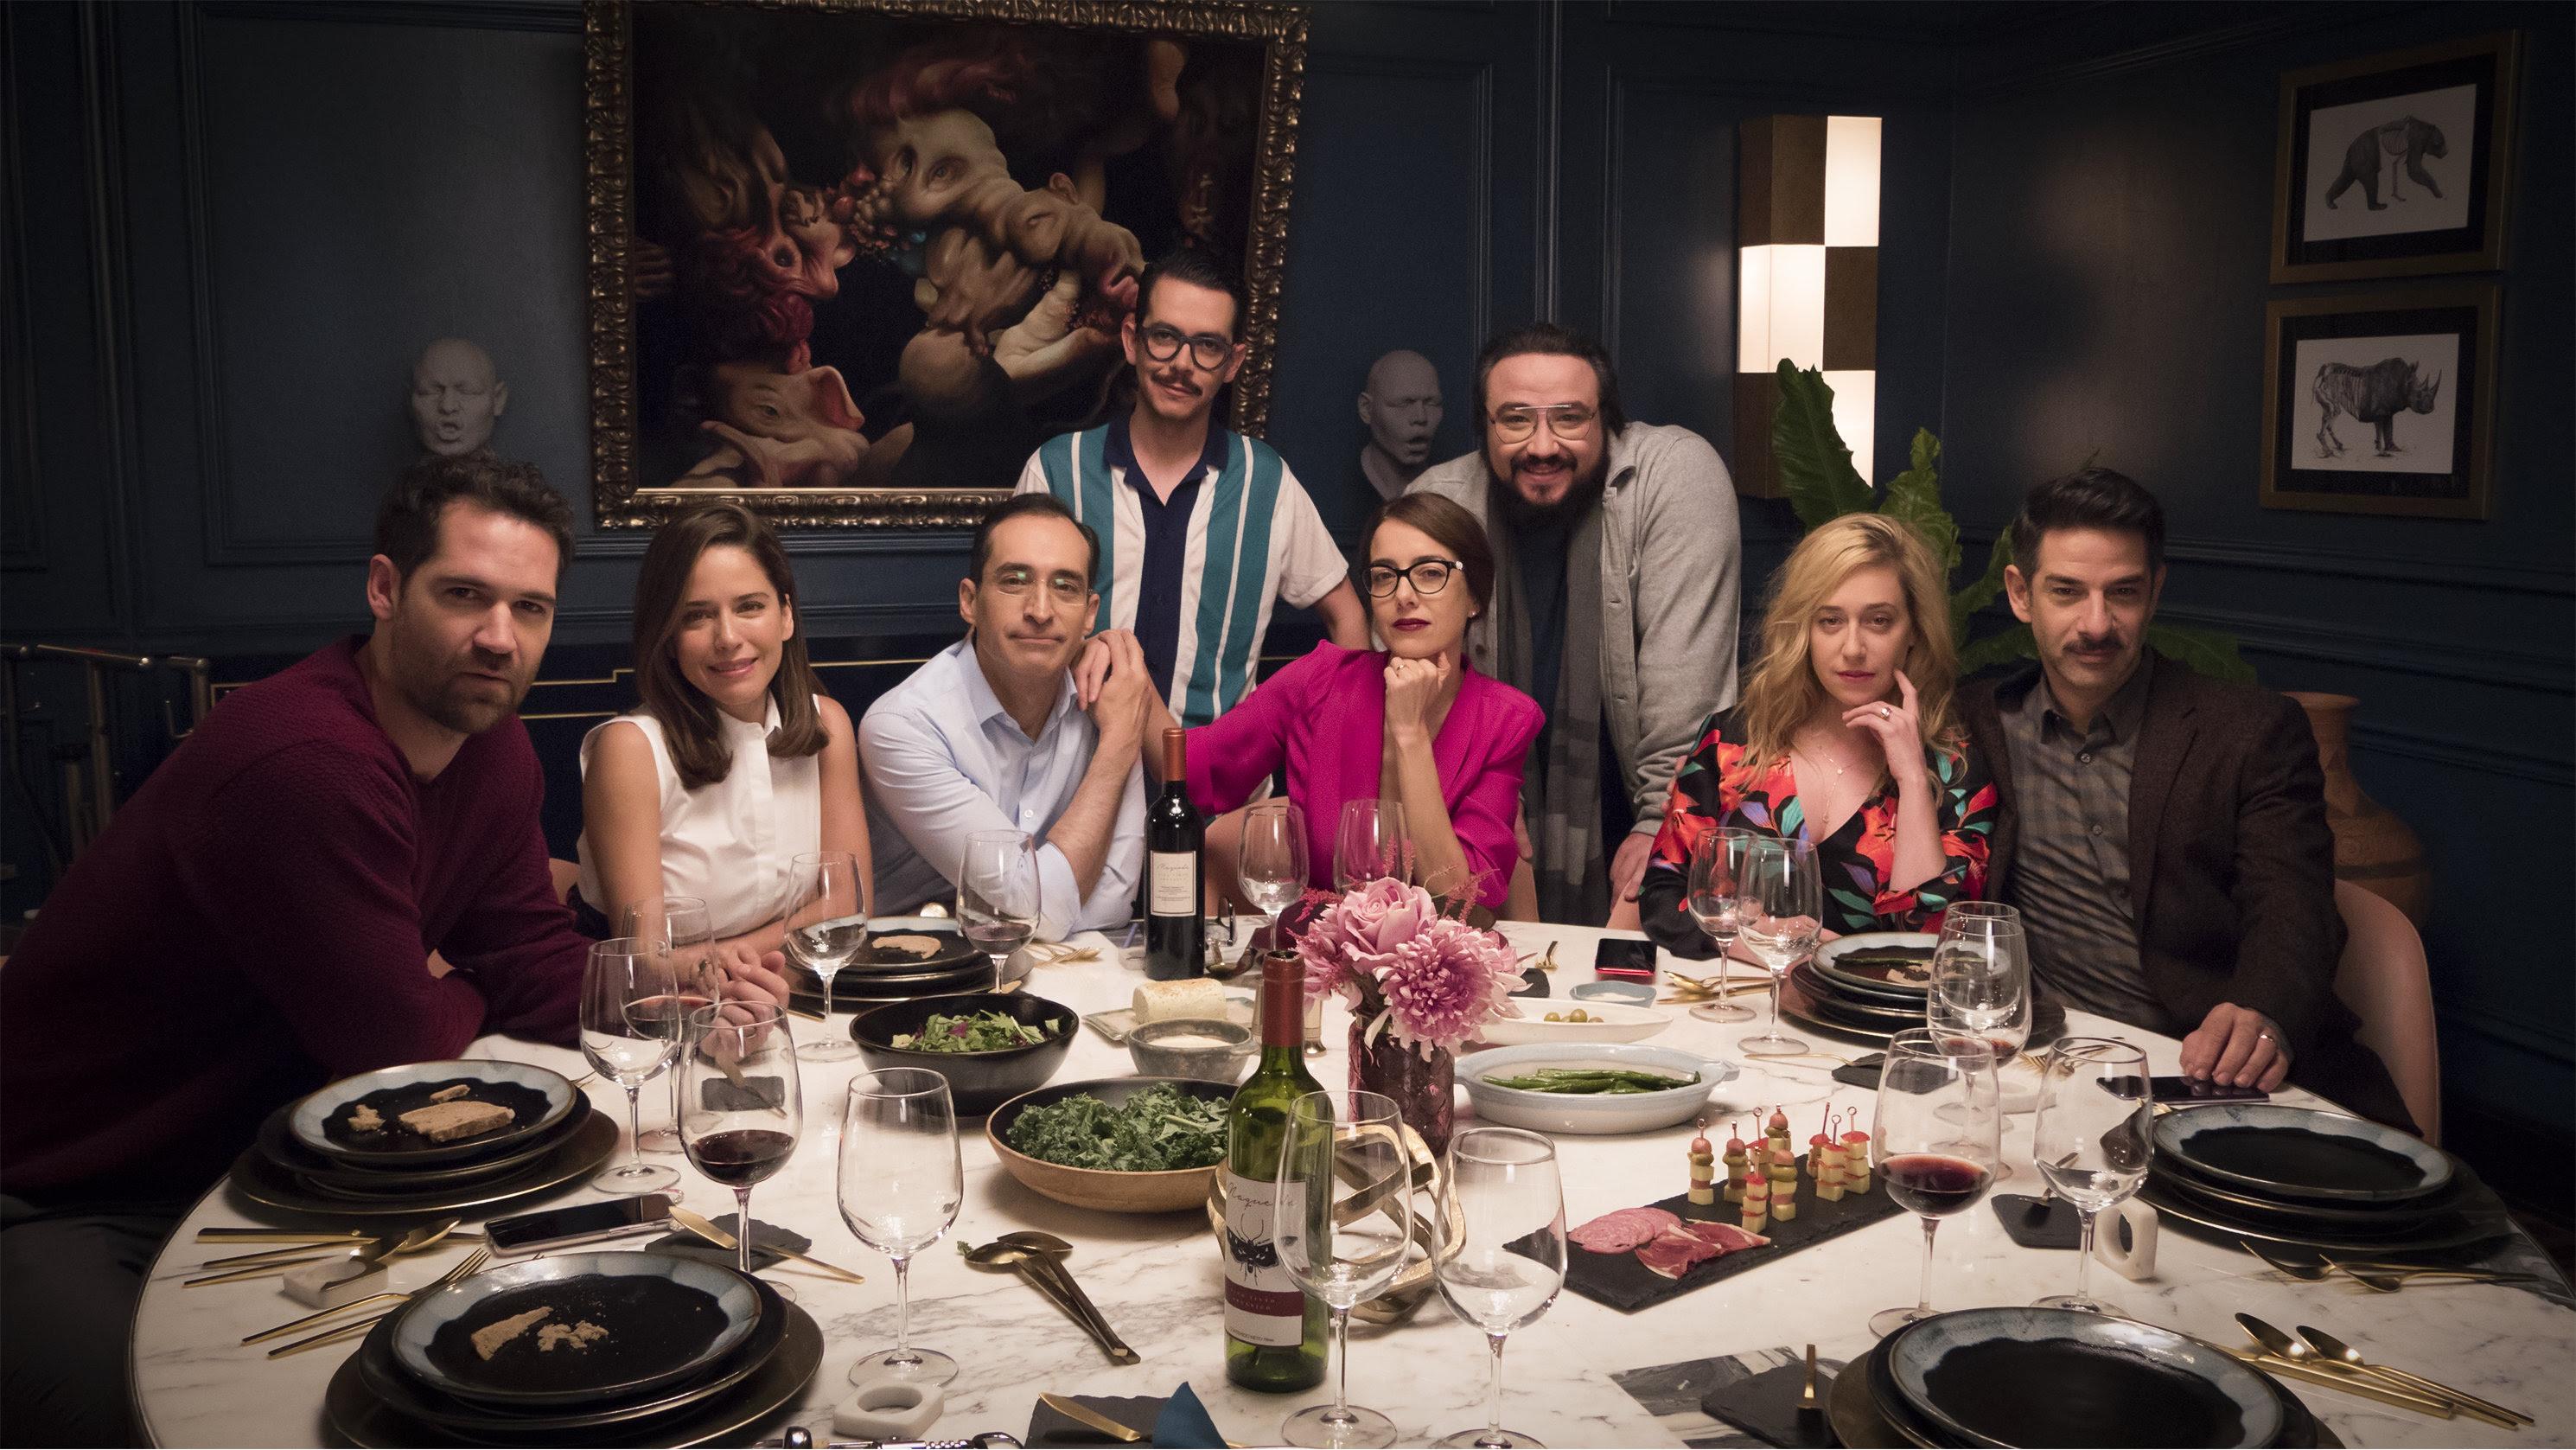 Perfectos Desconocidos llega a 1.9 millones de espectadores y a las pantallas de Estados Unidos